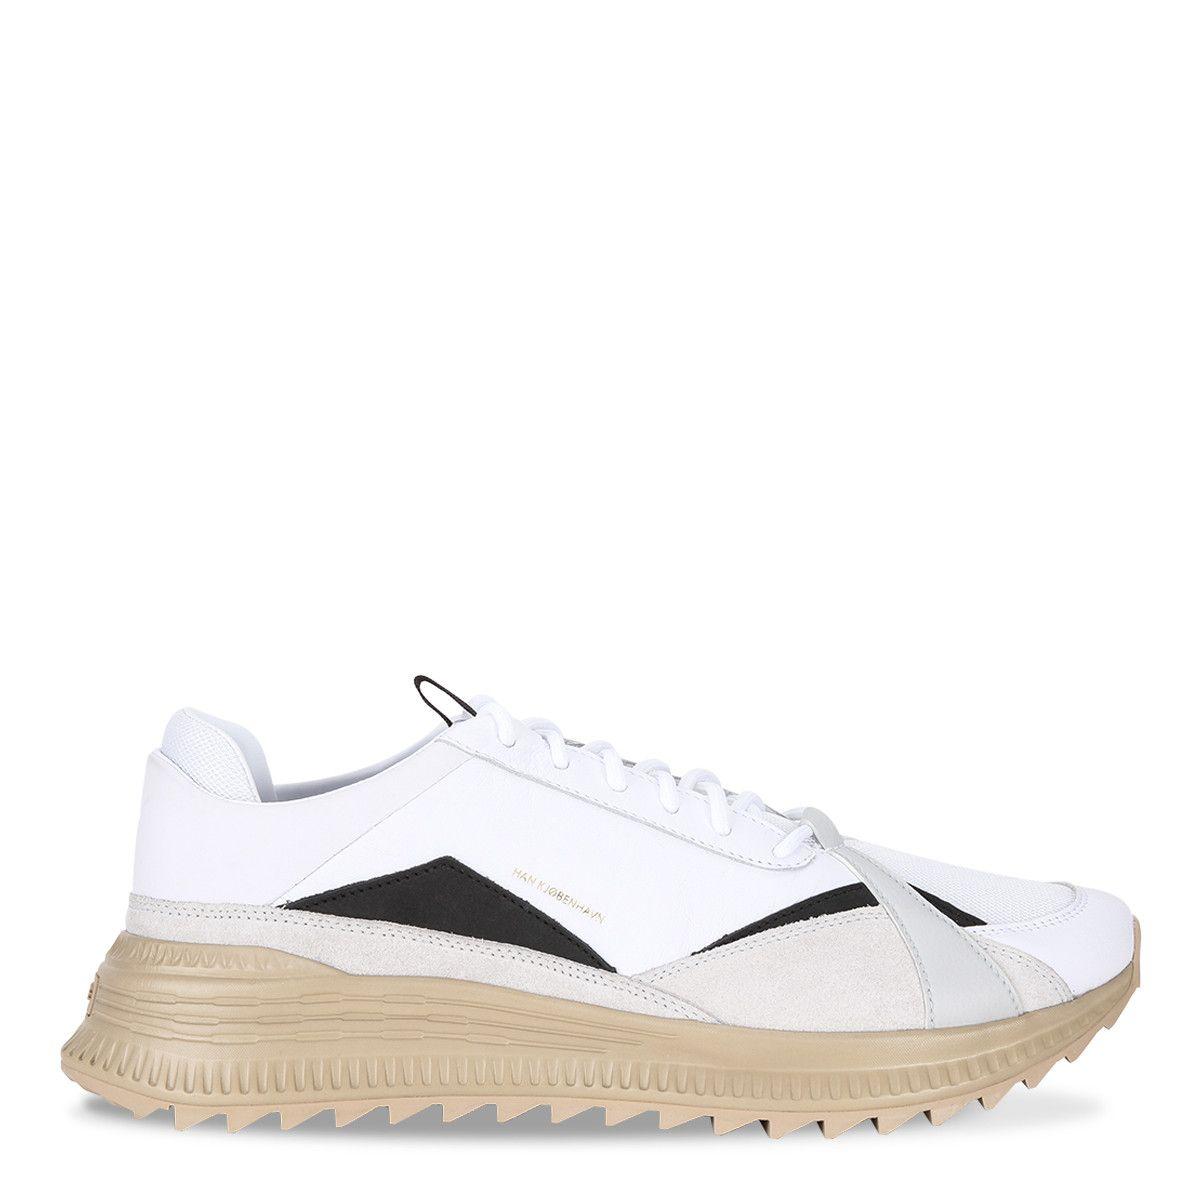 Prodotto non più disponibile | Sneaker bianche, Scarpe e Borse